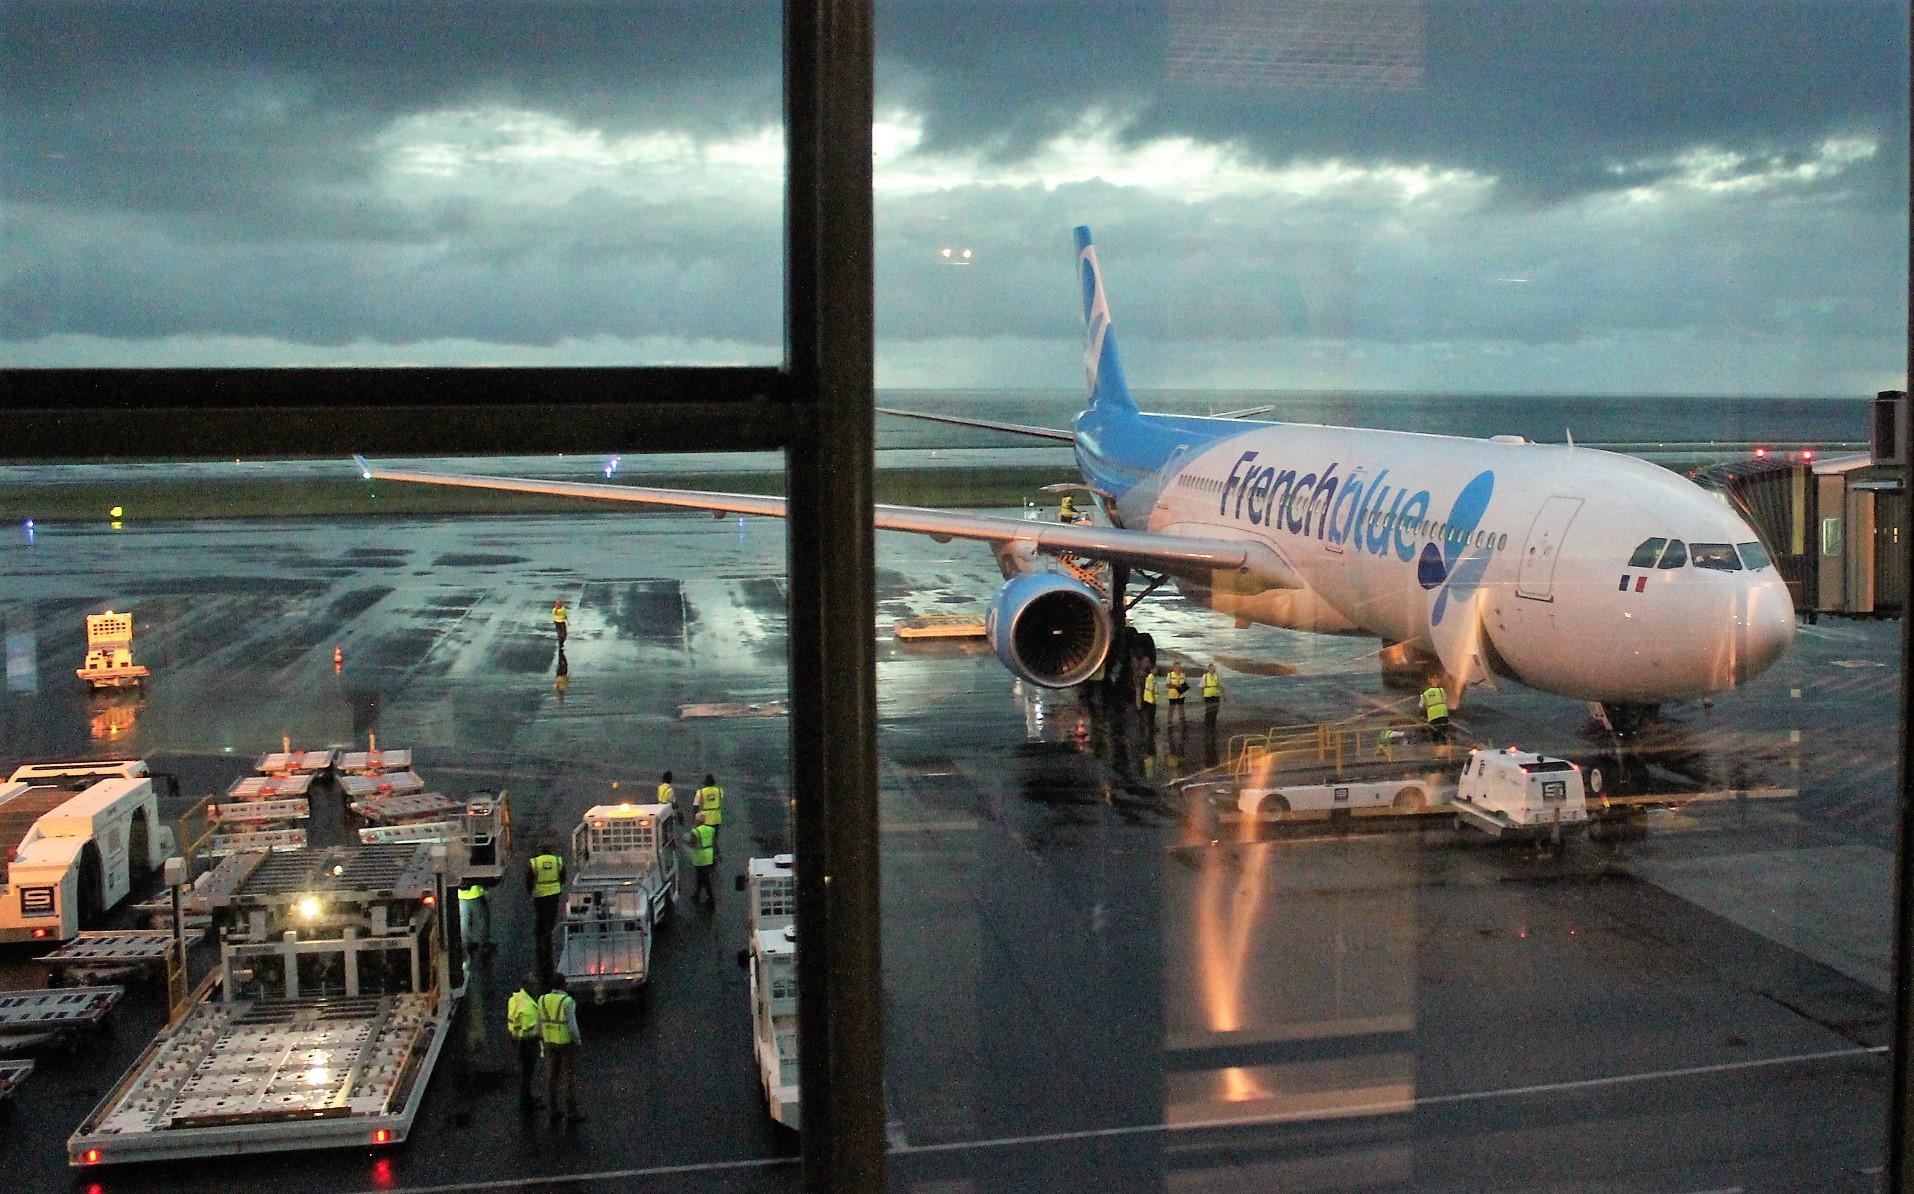 French Blue est arrivé le 17 juin dernier à La Réunion. Un succès pour la compagnie low-cost long courrier ©Outremers360